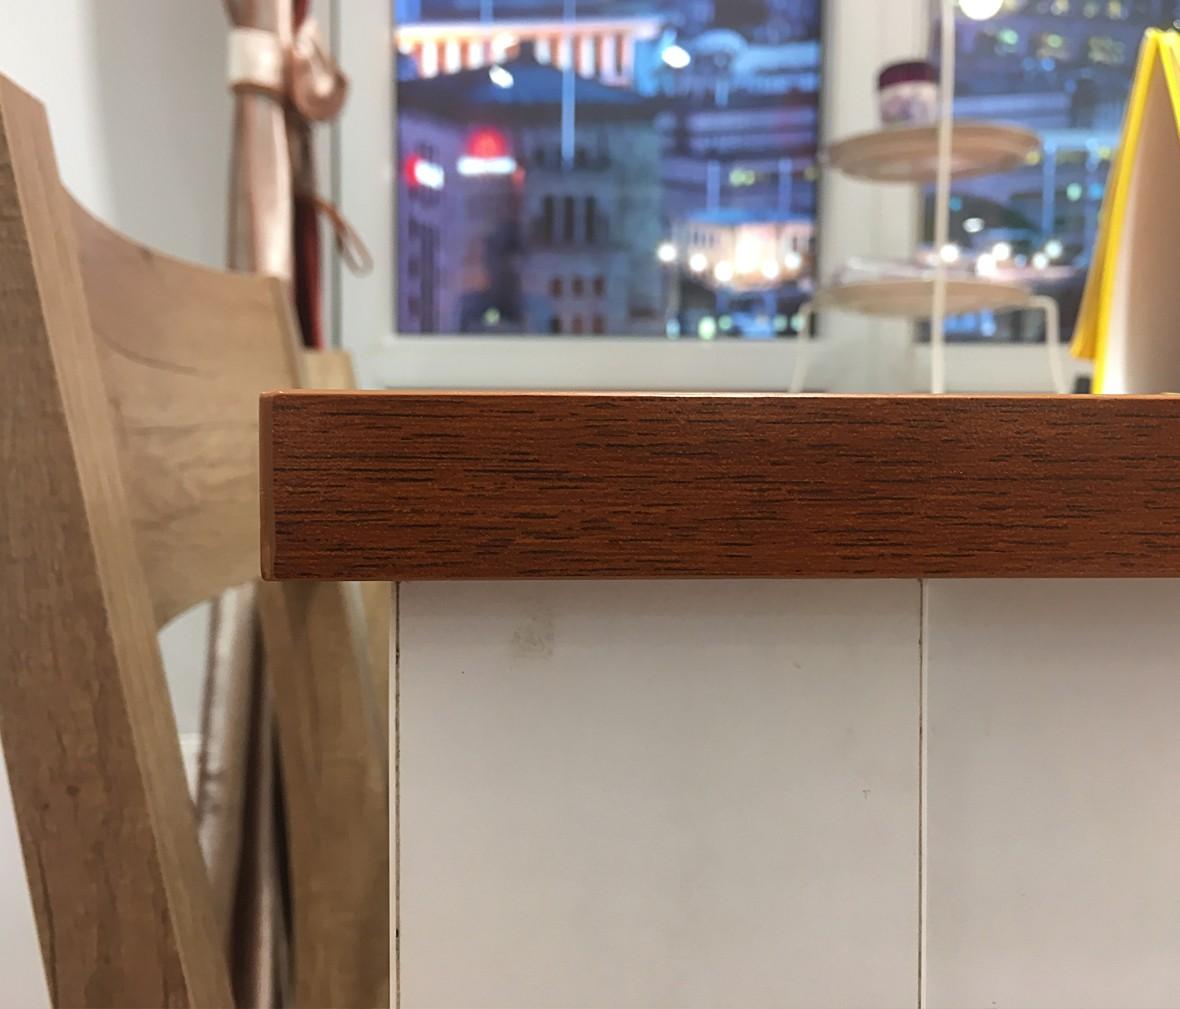 意风家具 特价一桌四椅 板材材质桌椅 现代简约餐厅组合 图片、价格、品牌、评测样样齐全!【蓝景商城正品行货,蓝景丽家大钟寺家居广场提货,北京地区配送,领券更优惠,线上线下同品同价,立即购买享受更多优惠哦!】